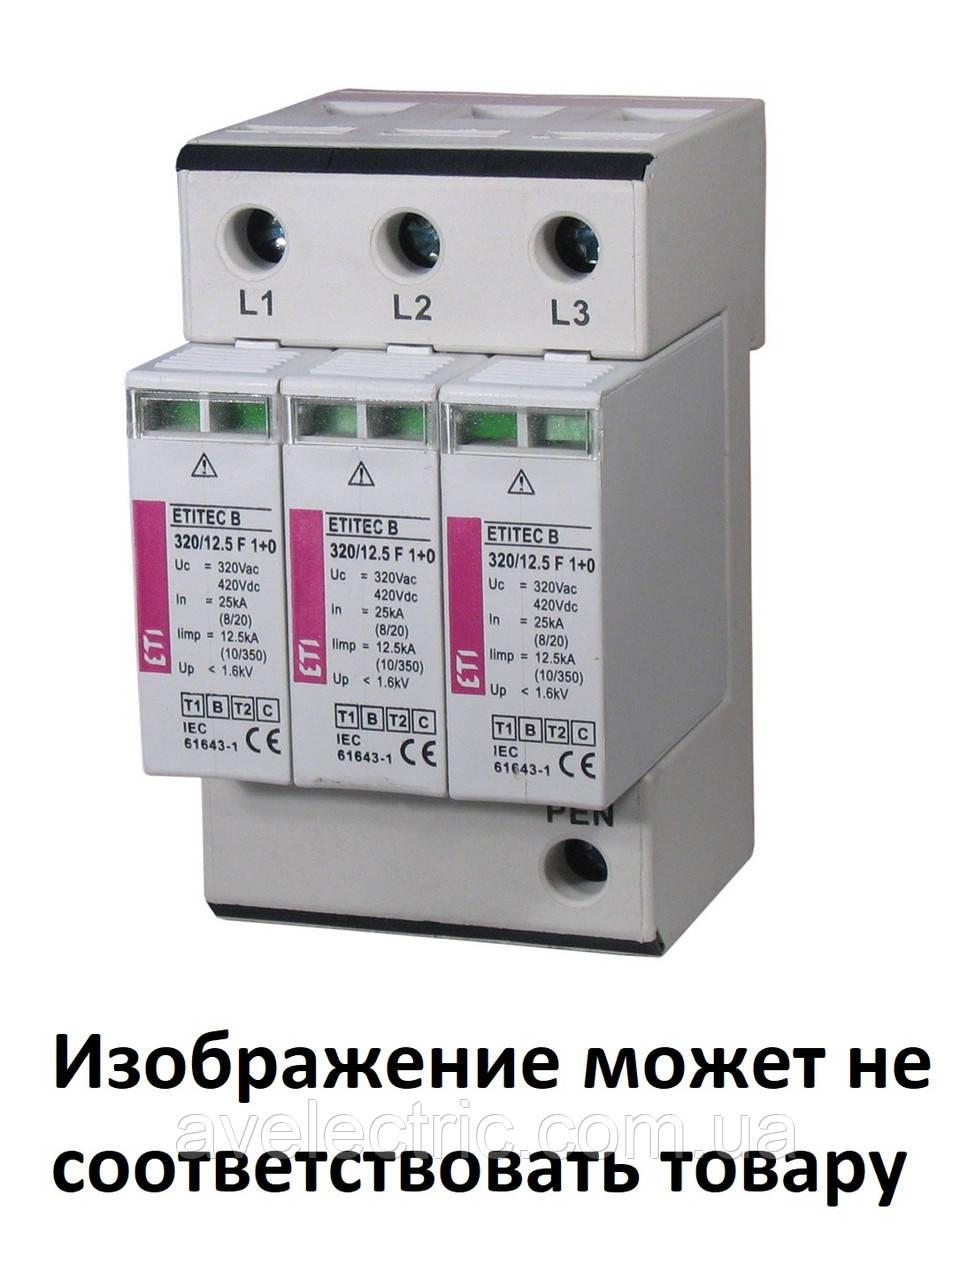 Ограничитель перенапряжения ETITEC V T12 280/12,5 (3+1)